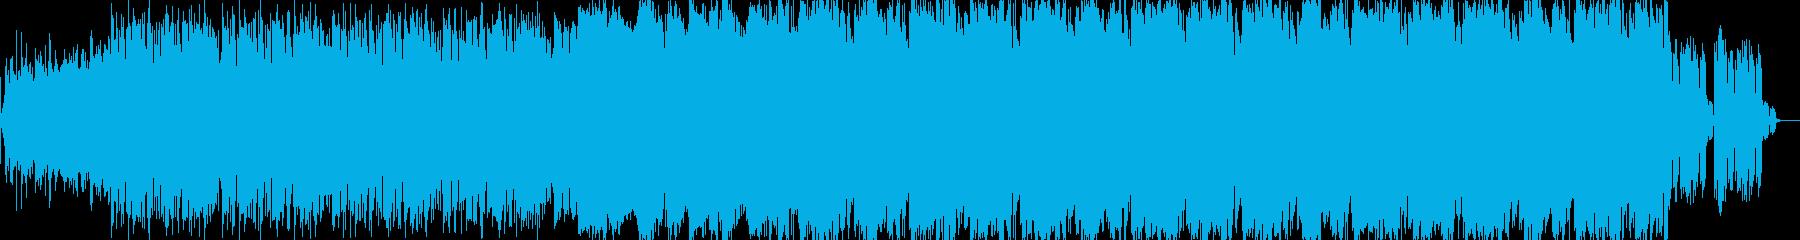 ミステリアスな曲調のサスペンス系BGMの再生済みの波形